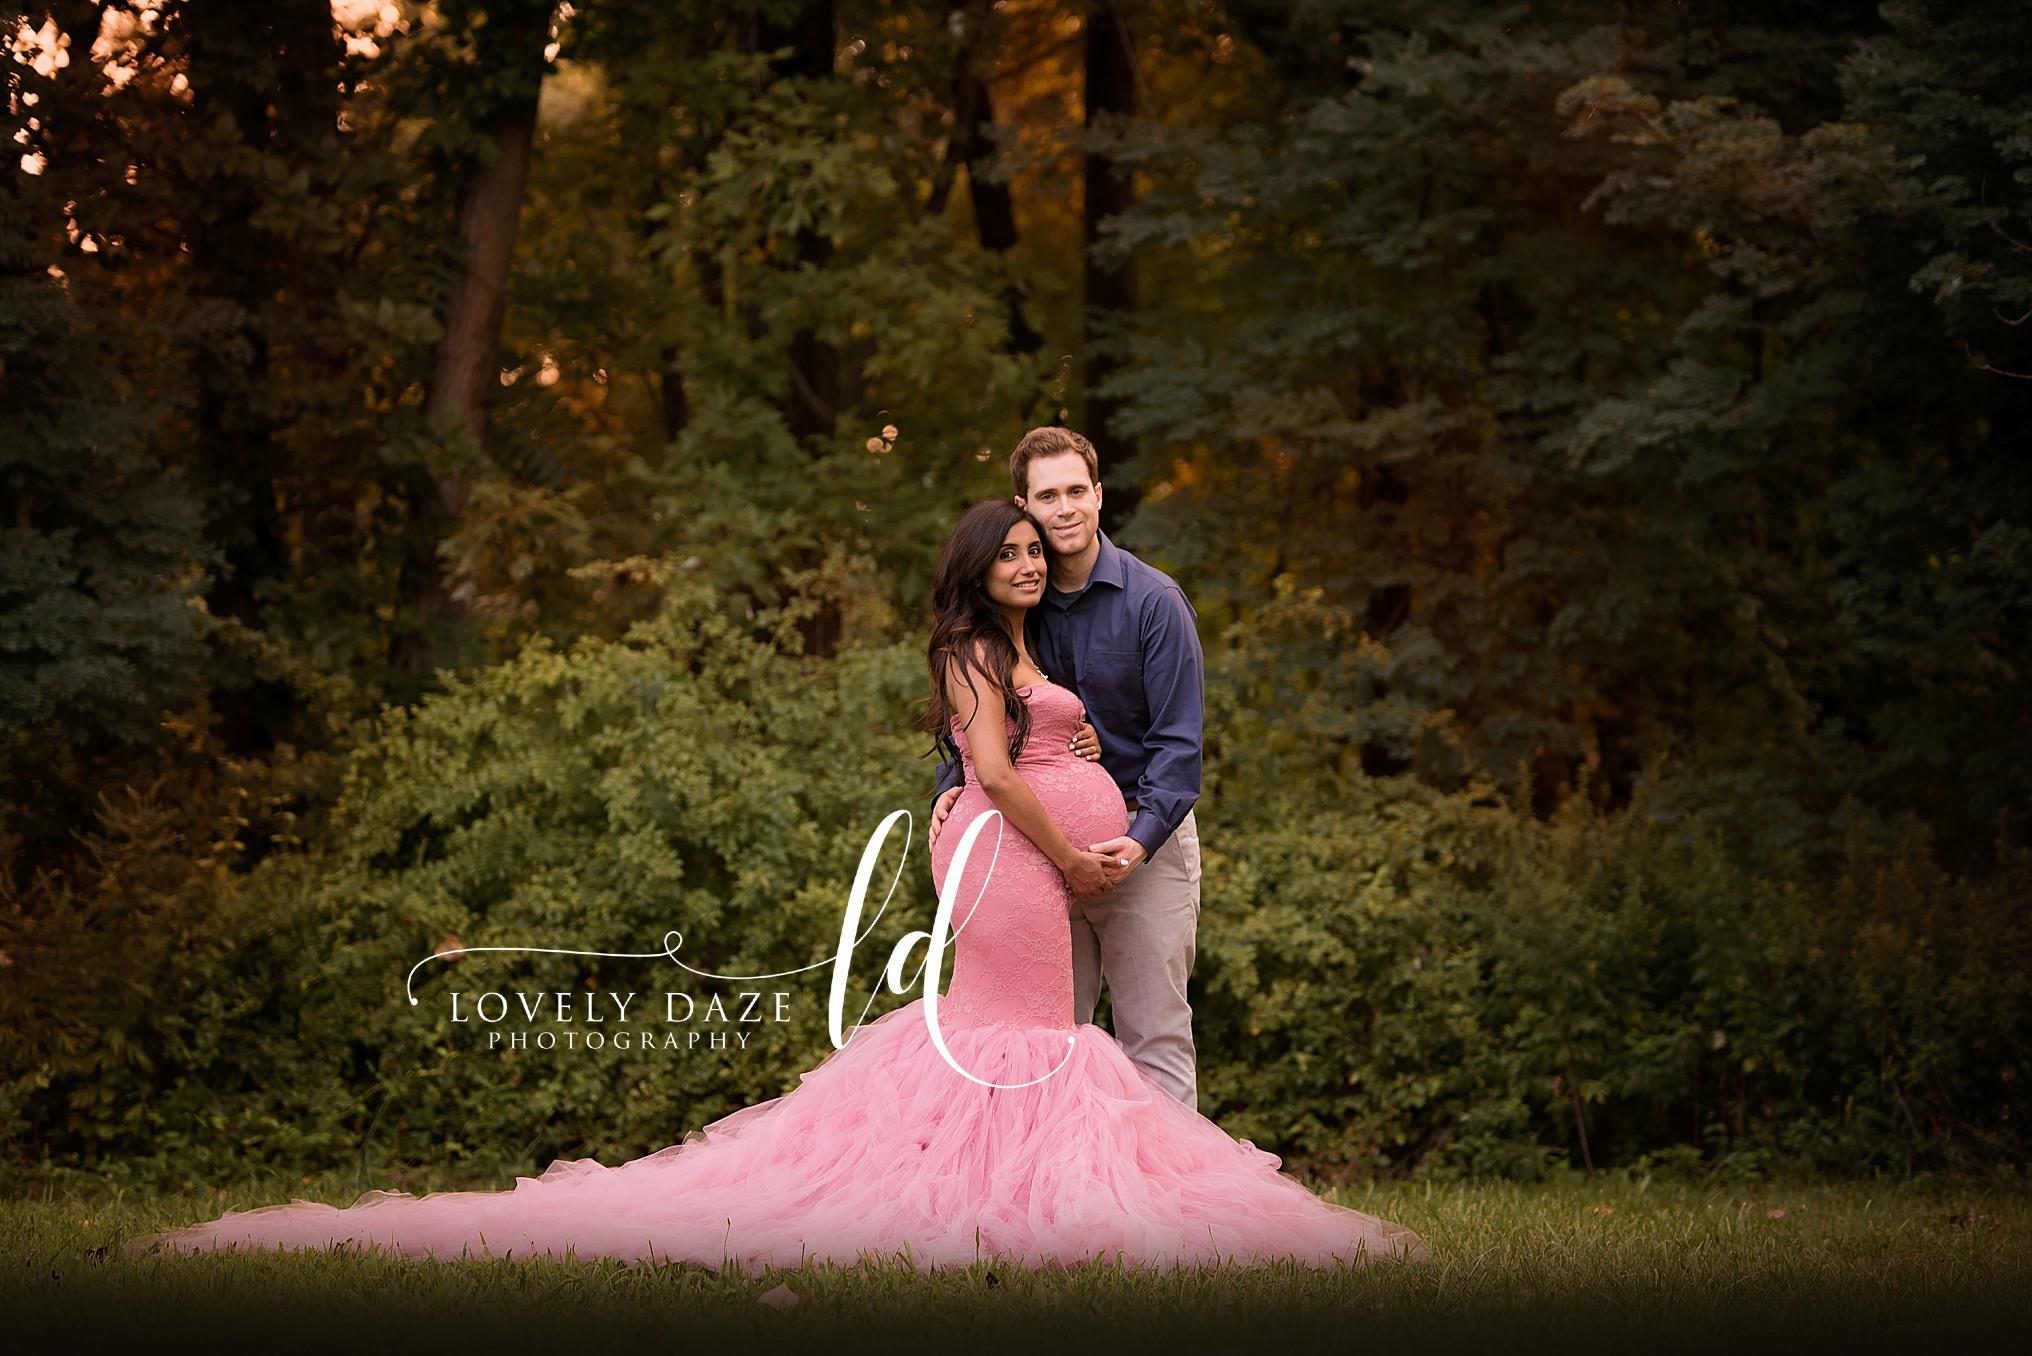 lovely daze photography couples maternity.jpg